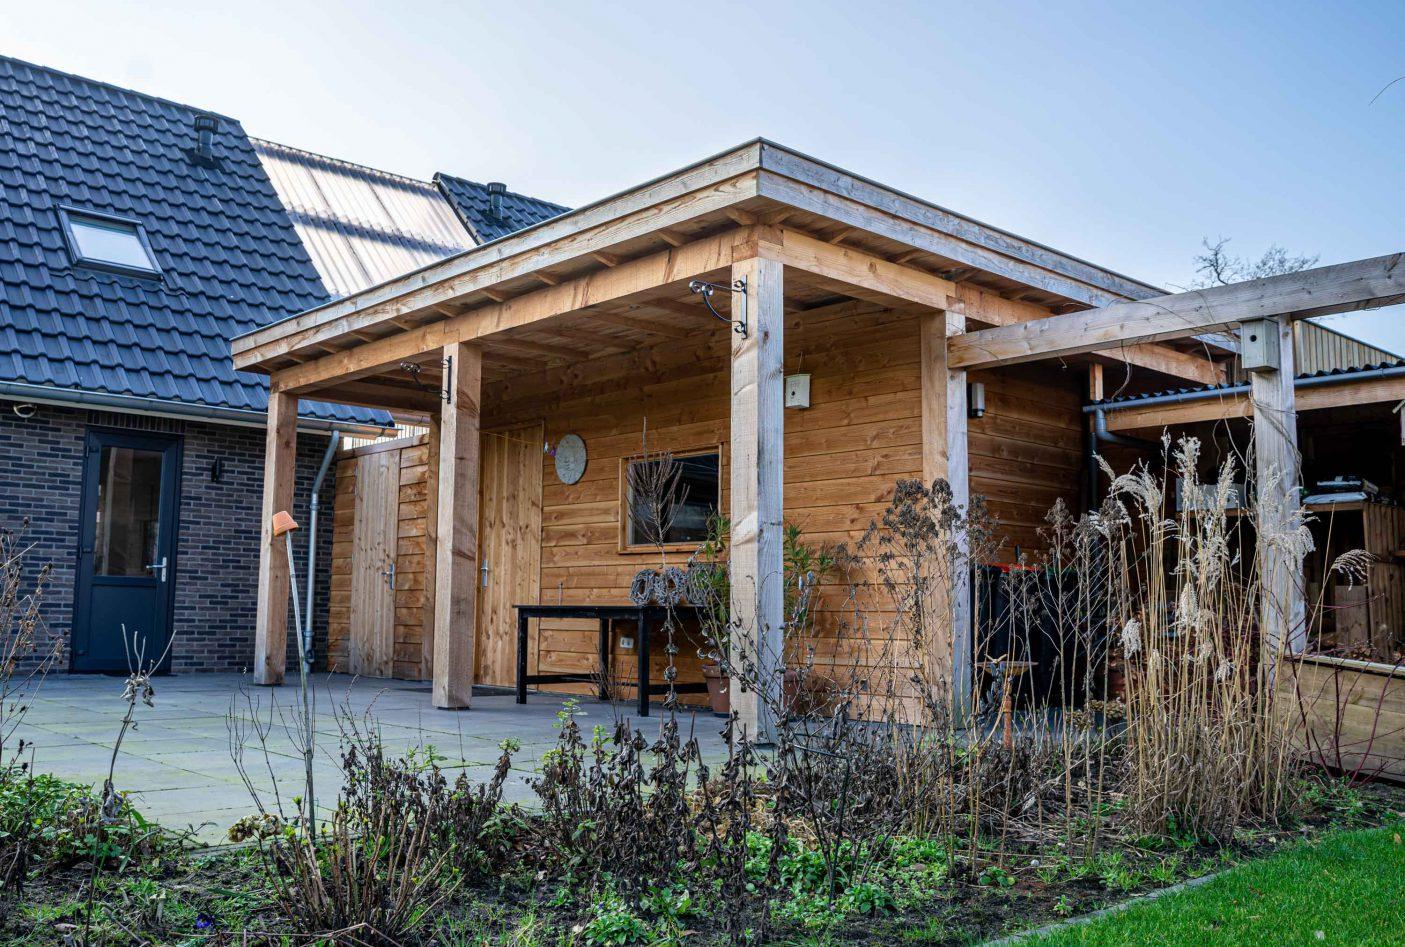 marten-ontwerpt-wevershof-heino-5-1.jpg